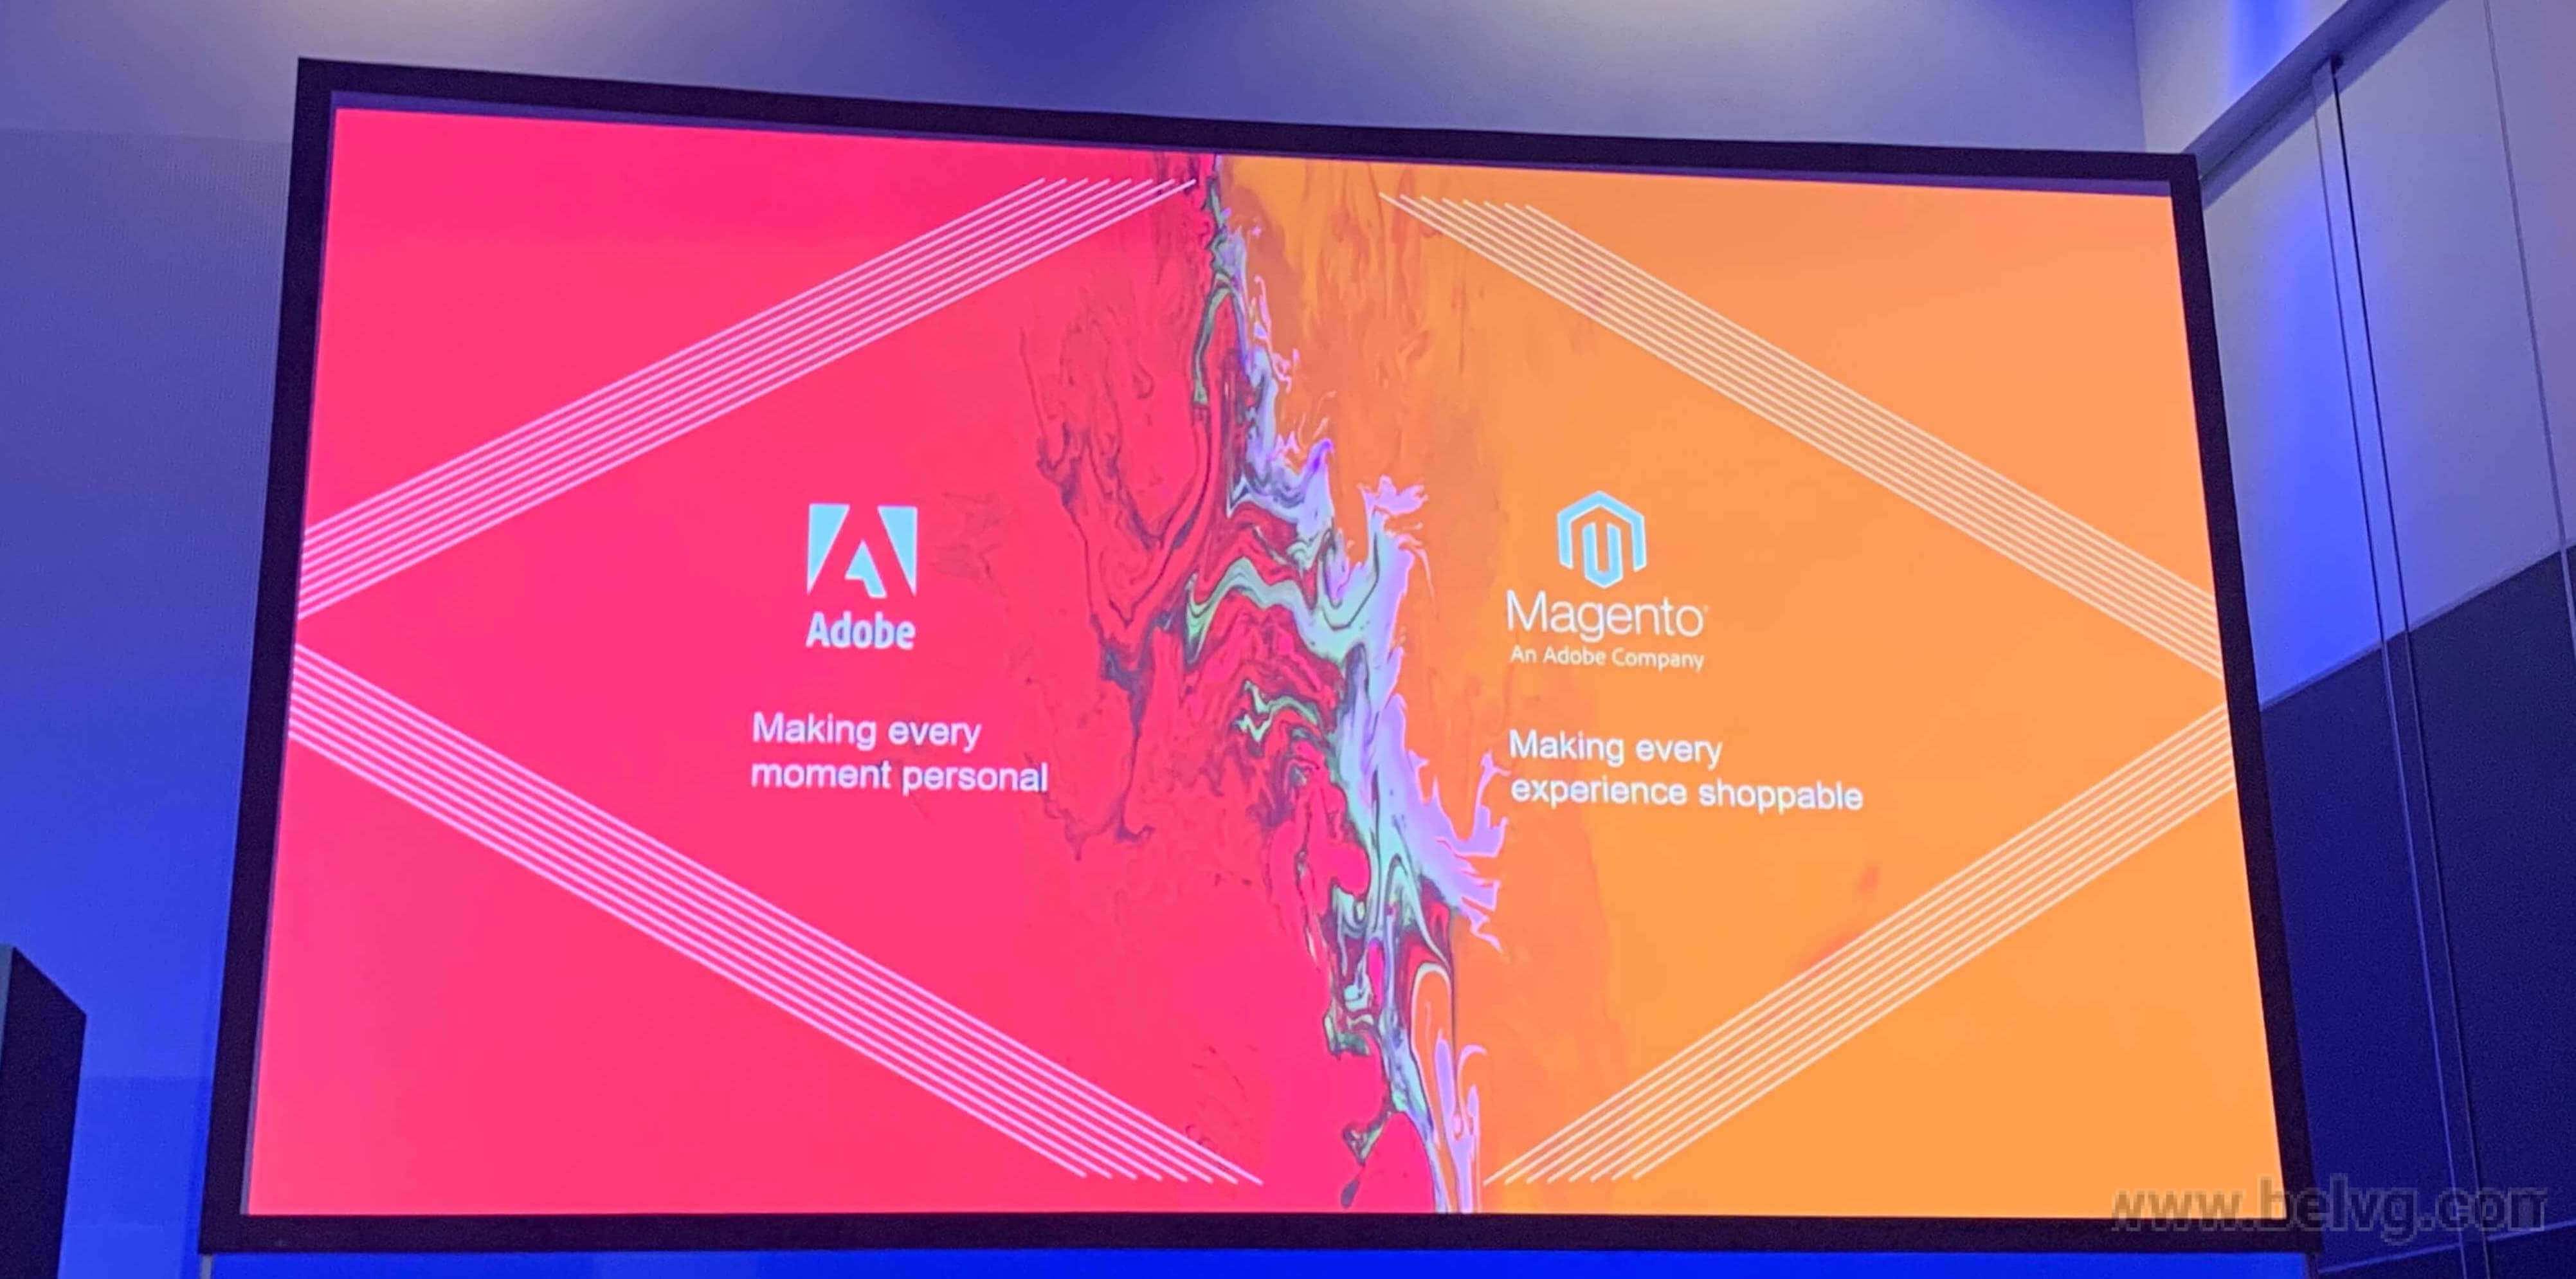 magento live ecommerce event